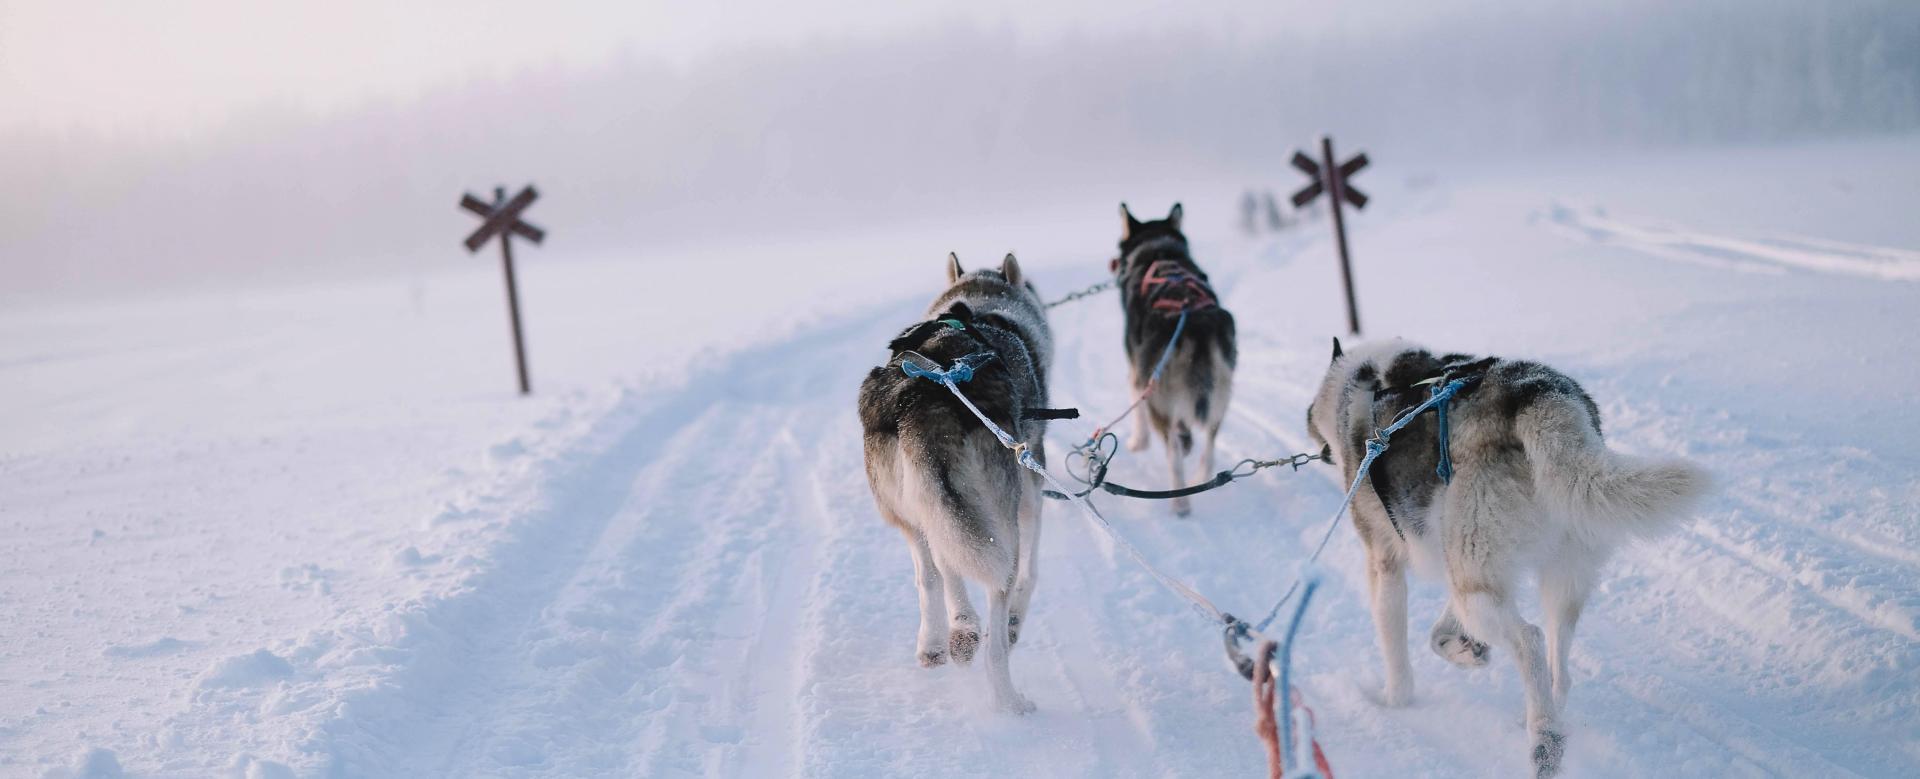 Voyage à la neige Suède : Expériences en forêt boréale